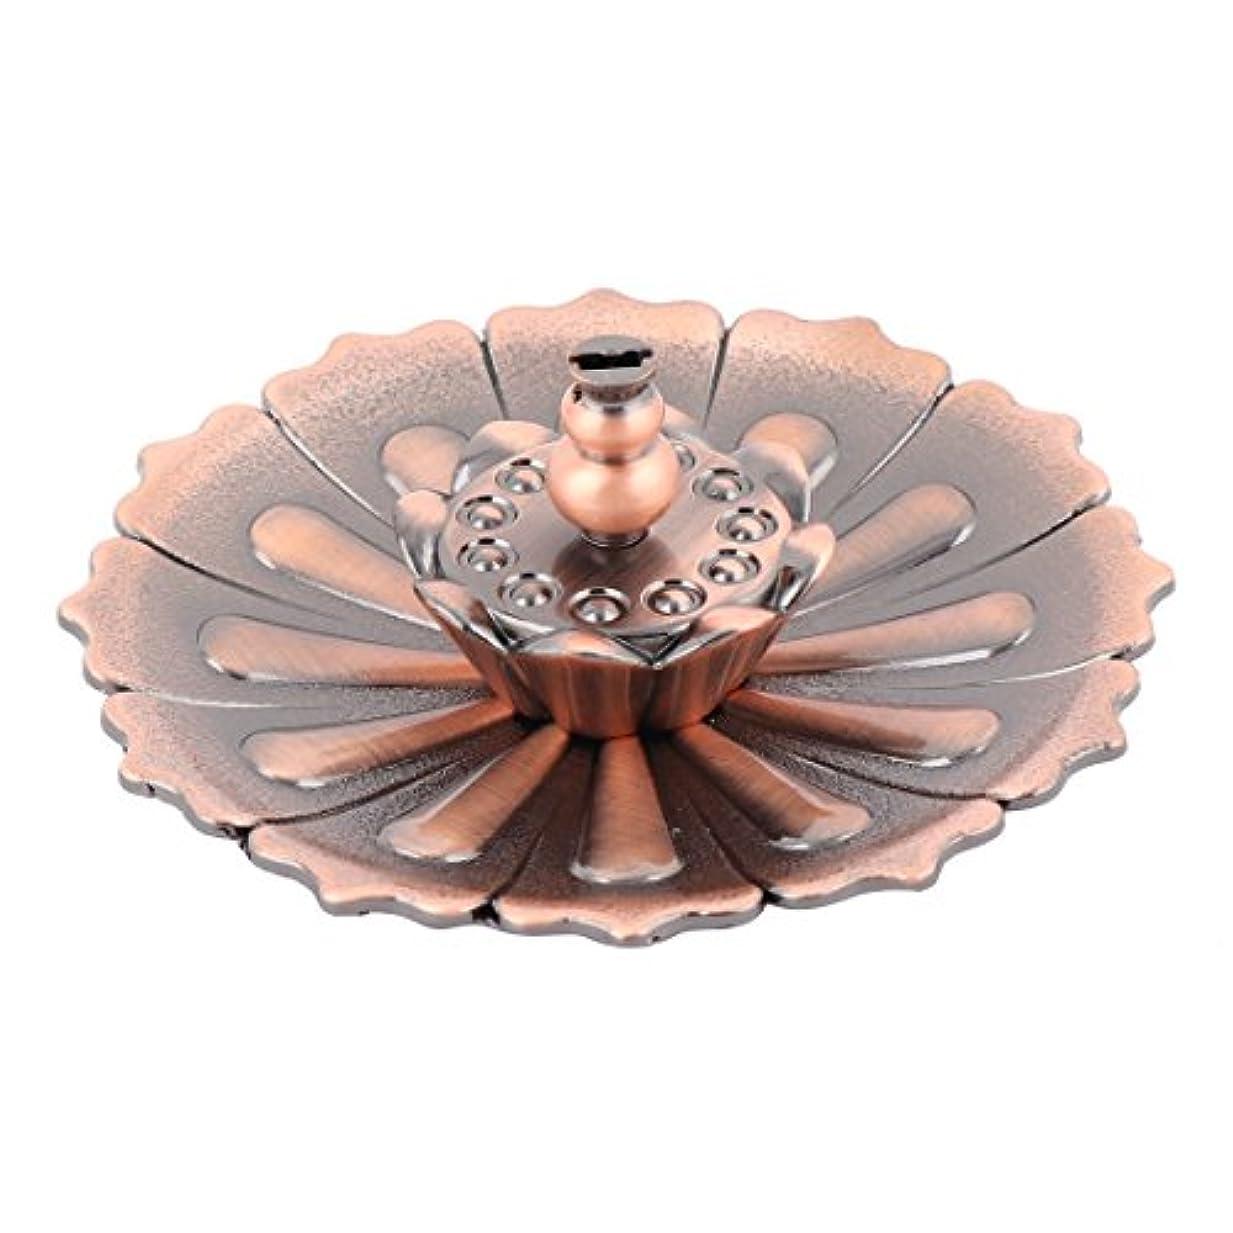 破壊的な露出度の高いウナギuxcell 香炉ホルダー お香立て インセンスホルダー 蓮 ロータス 花型 セット 金属製 家庭用 直径10cm